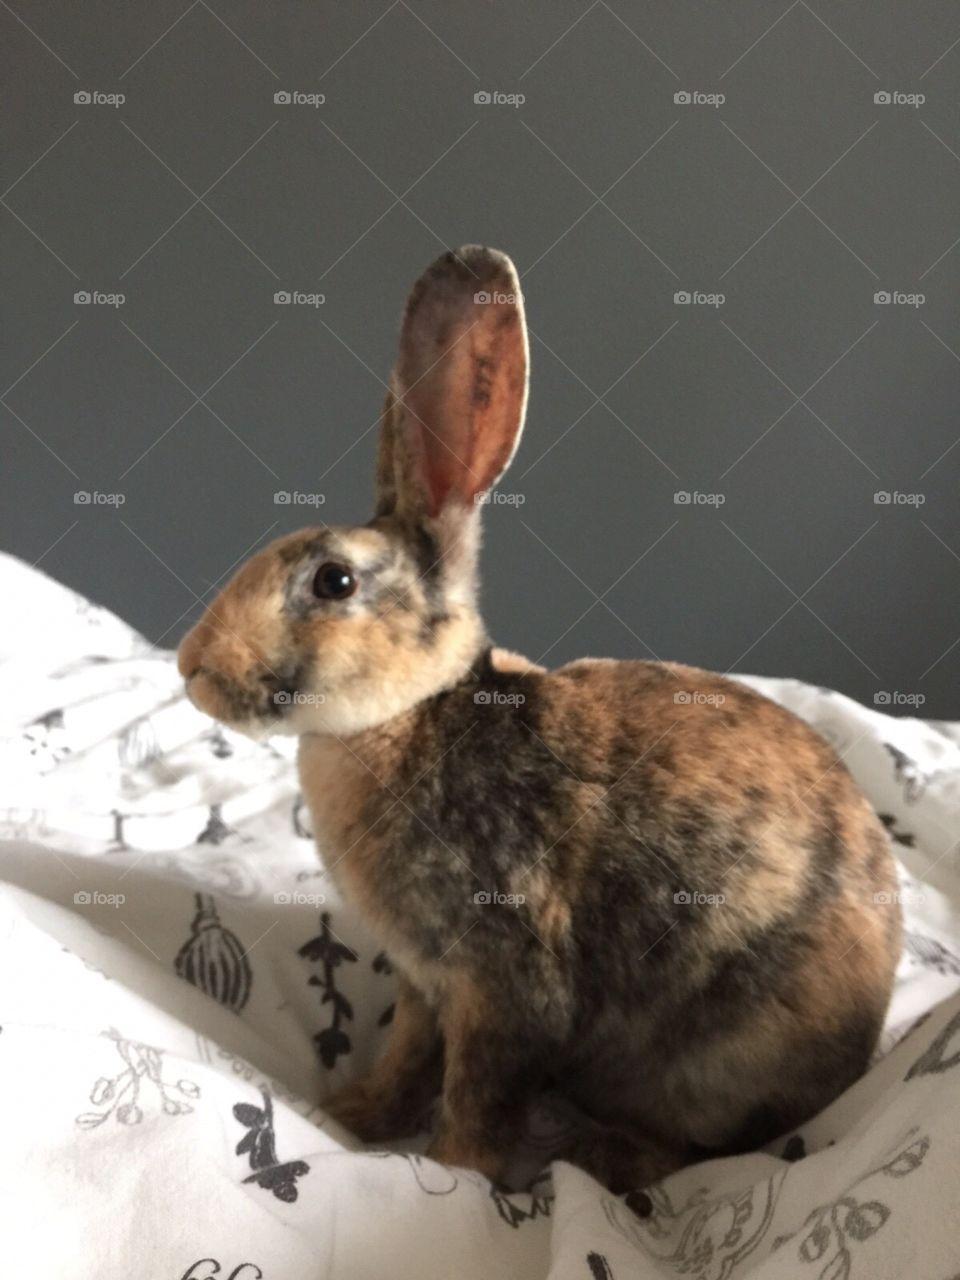 Rabbit. A lovely rabbit